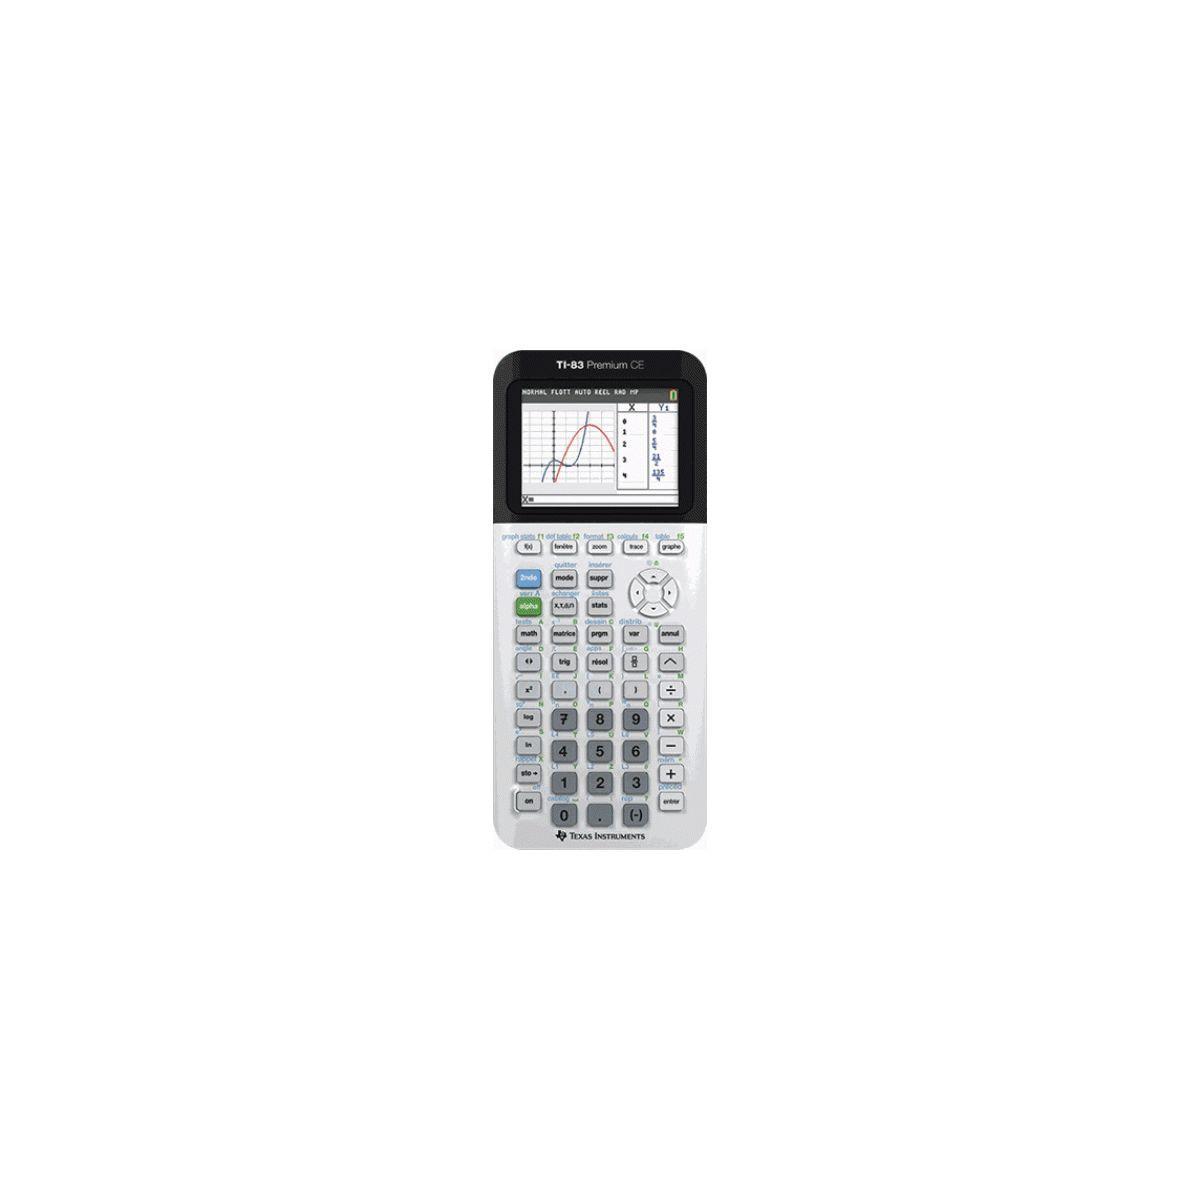 Calculatrice graphique texas instruments ti-83 premium ce - 2% de remise imm�diate avec le code : deal2 (photo)